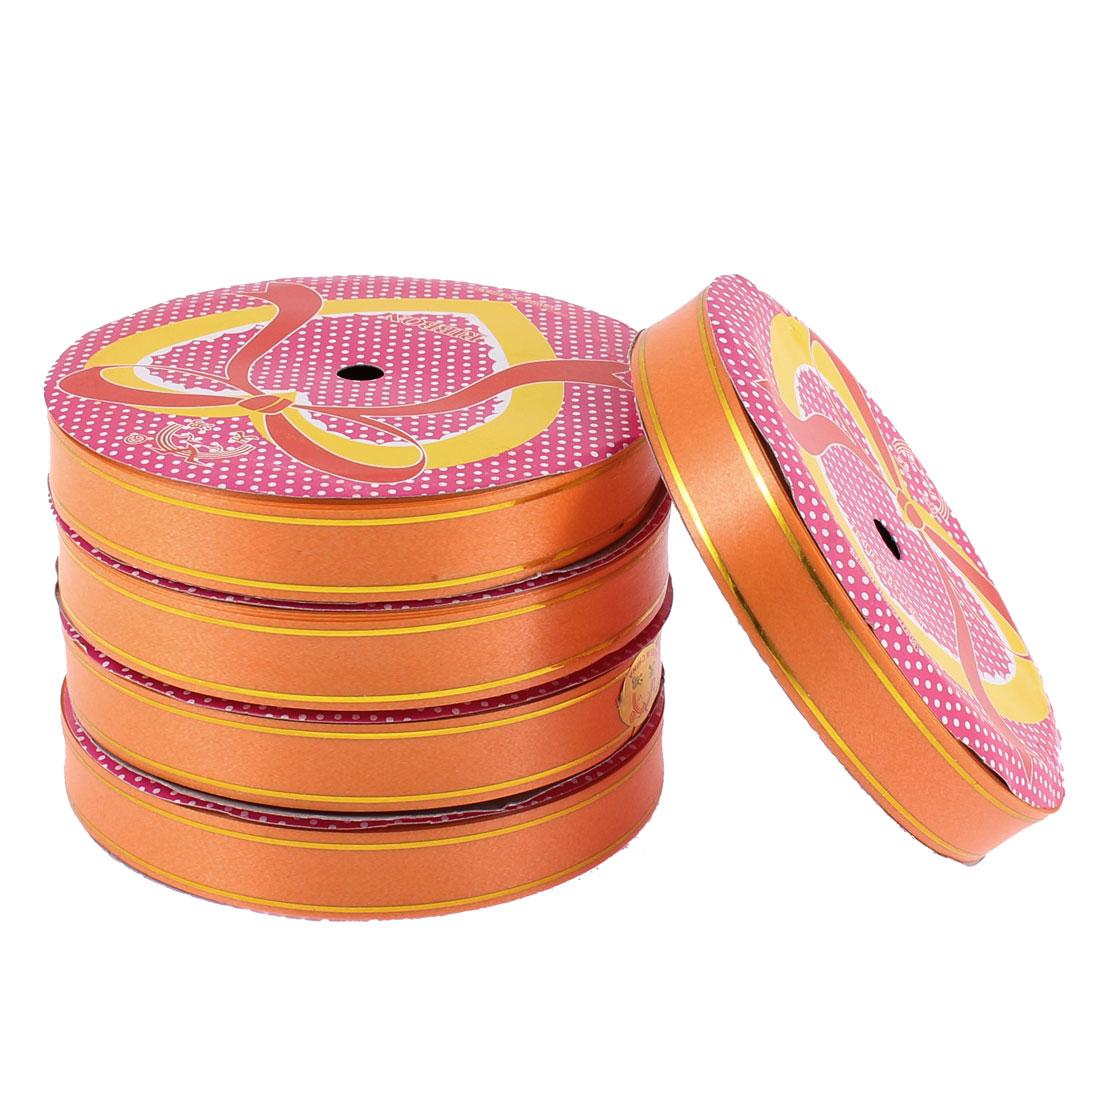 DIY Packing Polyester Satin Ribbon Roll Tape Orange 1.5cm Width 16 Yards 5pcs